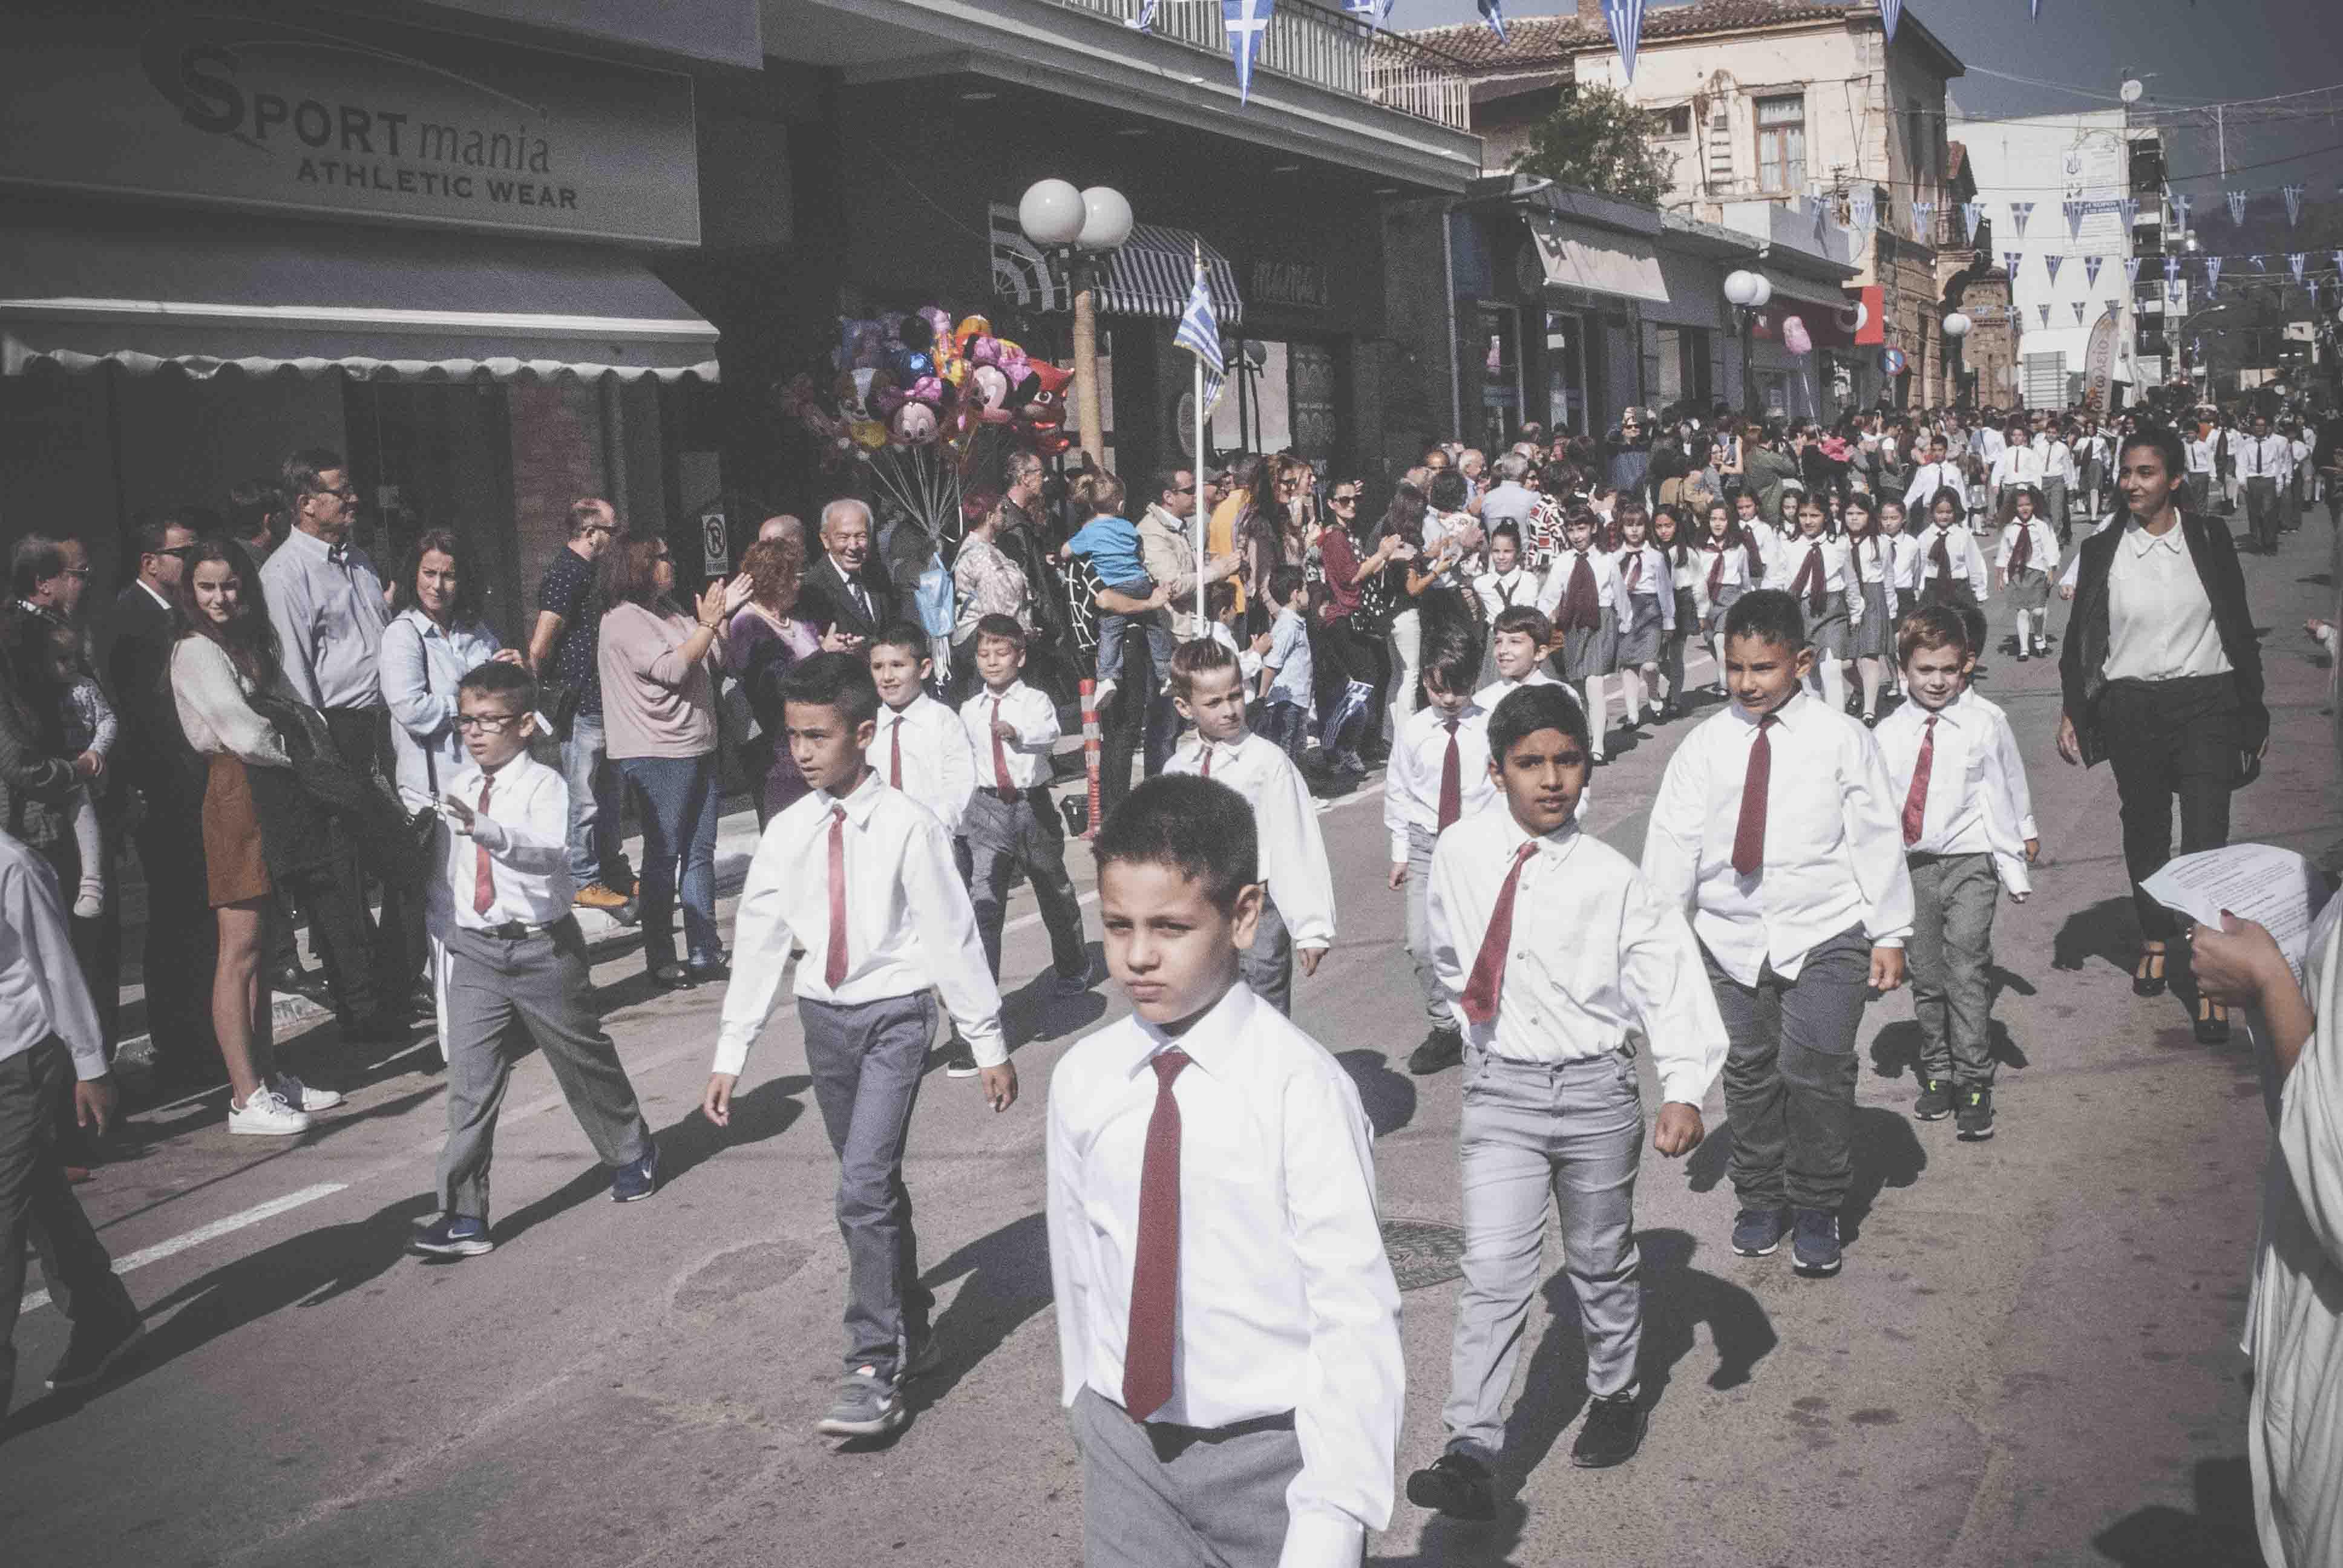 Η παρέλαση της 28ης Οκτωβρίου σε Καστέλλα και Ψαχνά (φωτό) DSC 0353